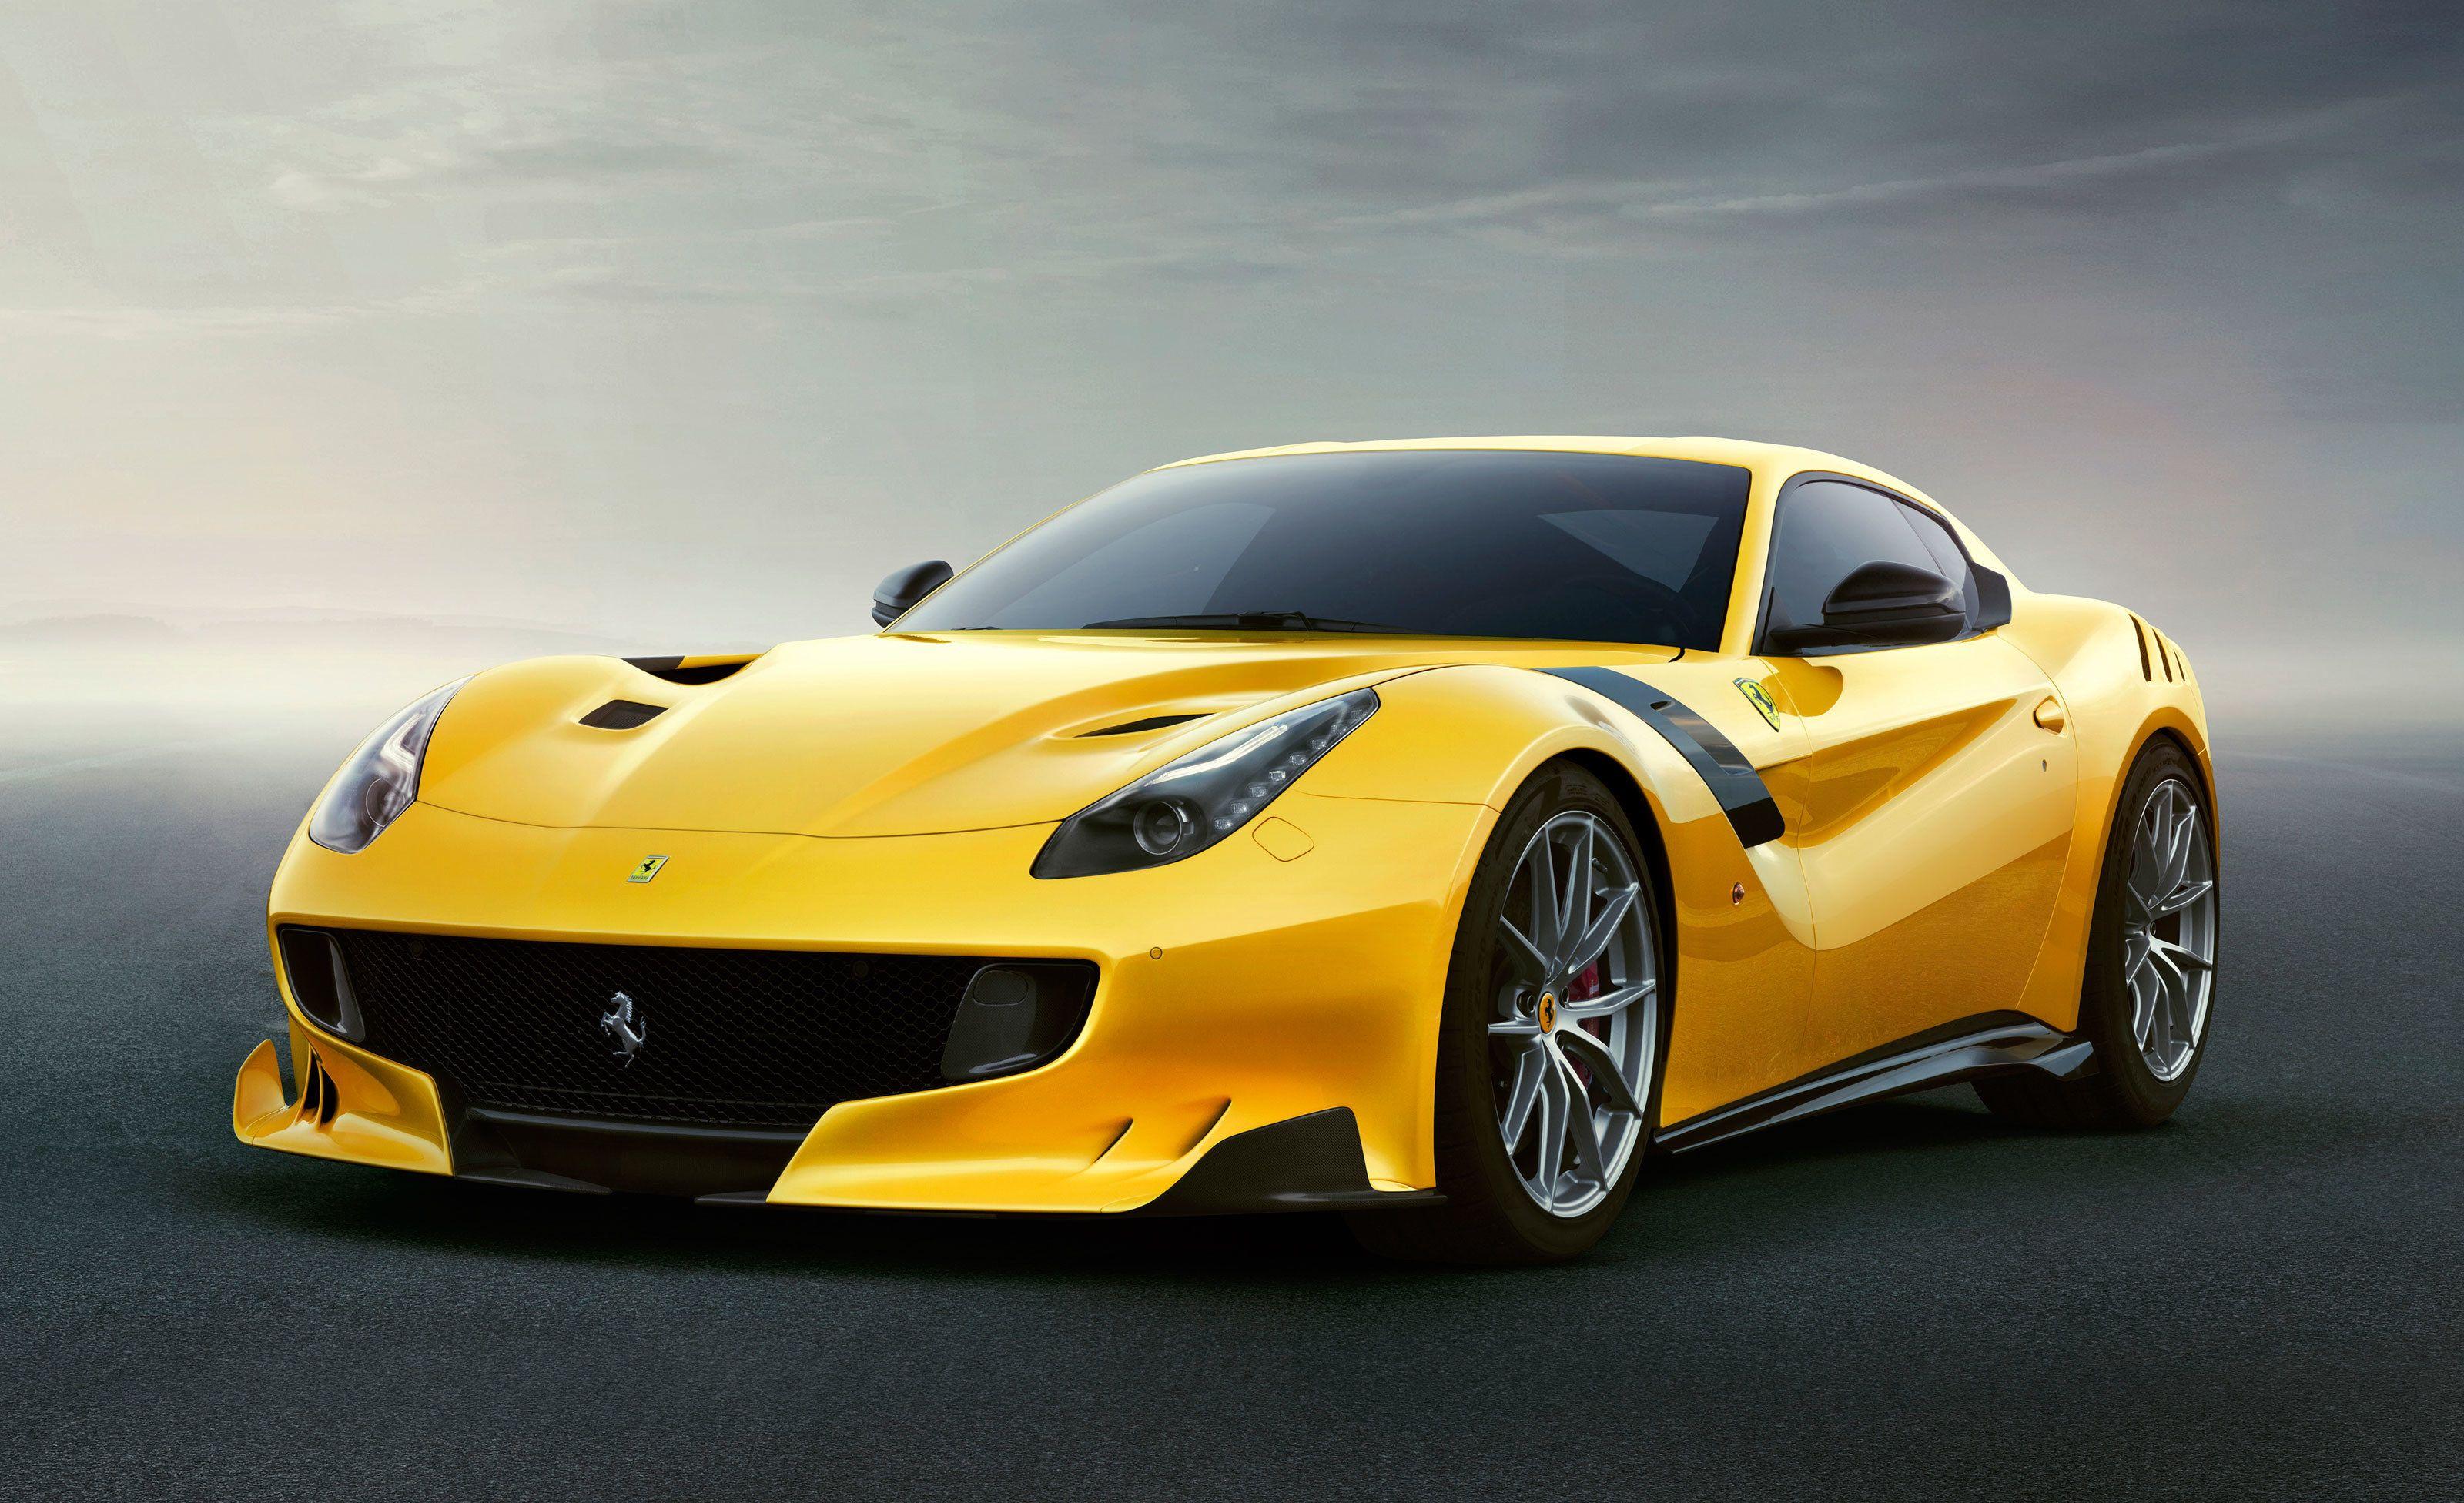 Ferrari Unveils A Limited Edition F12 Tdf The Next Line Of F12 Berlinetta Models Ferrari F12 Tdf Ferrari F12berlinetta Best Luxury Sports Car